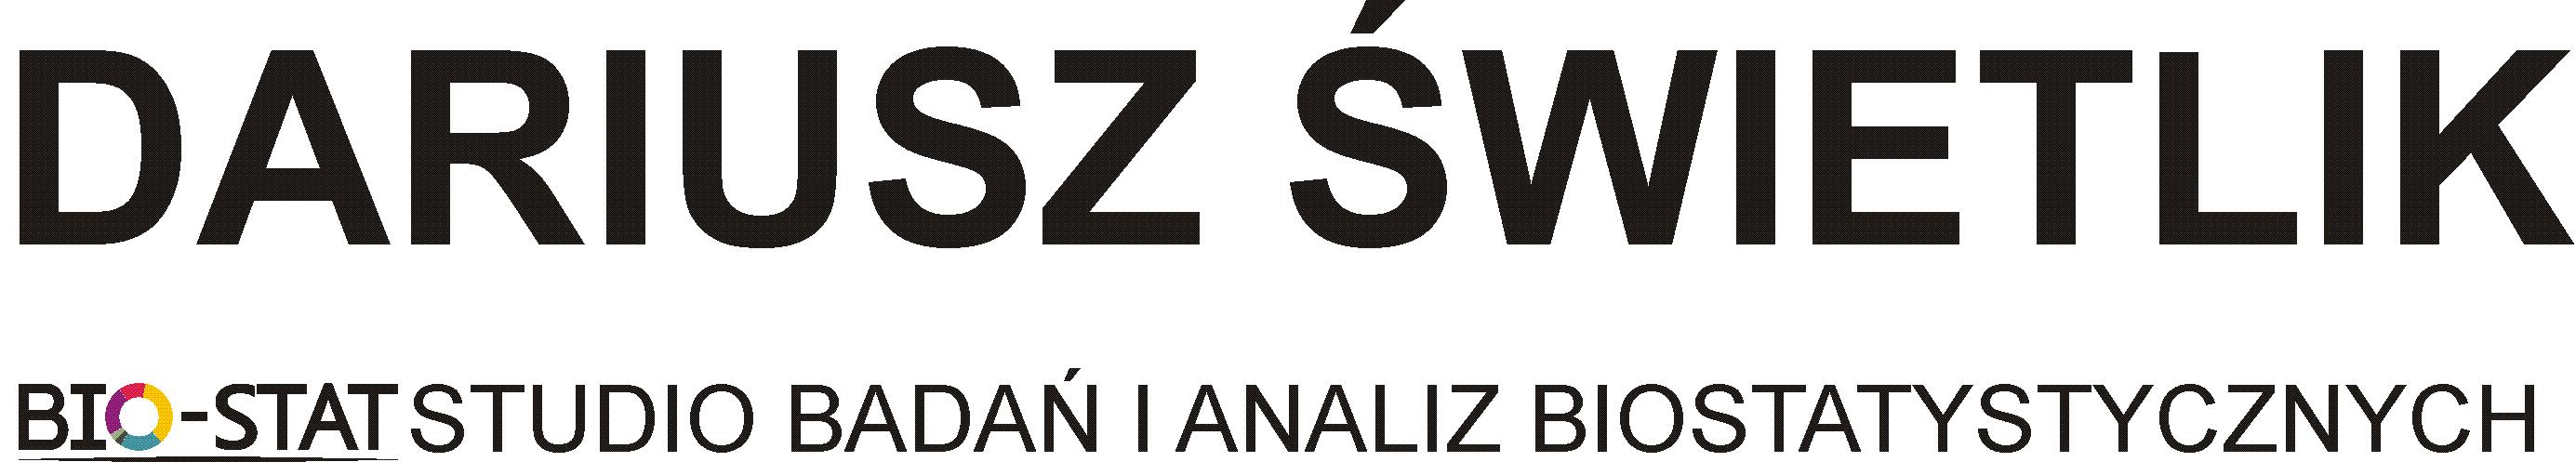 Analizy statystyczne, kursy statystyczne, biostatystyka